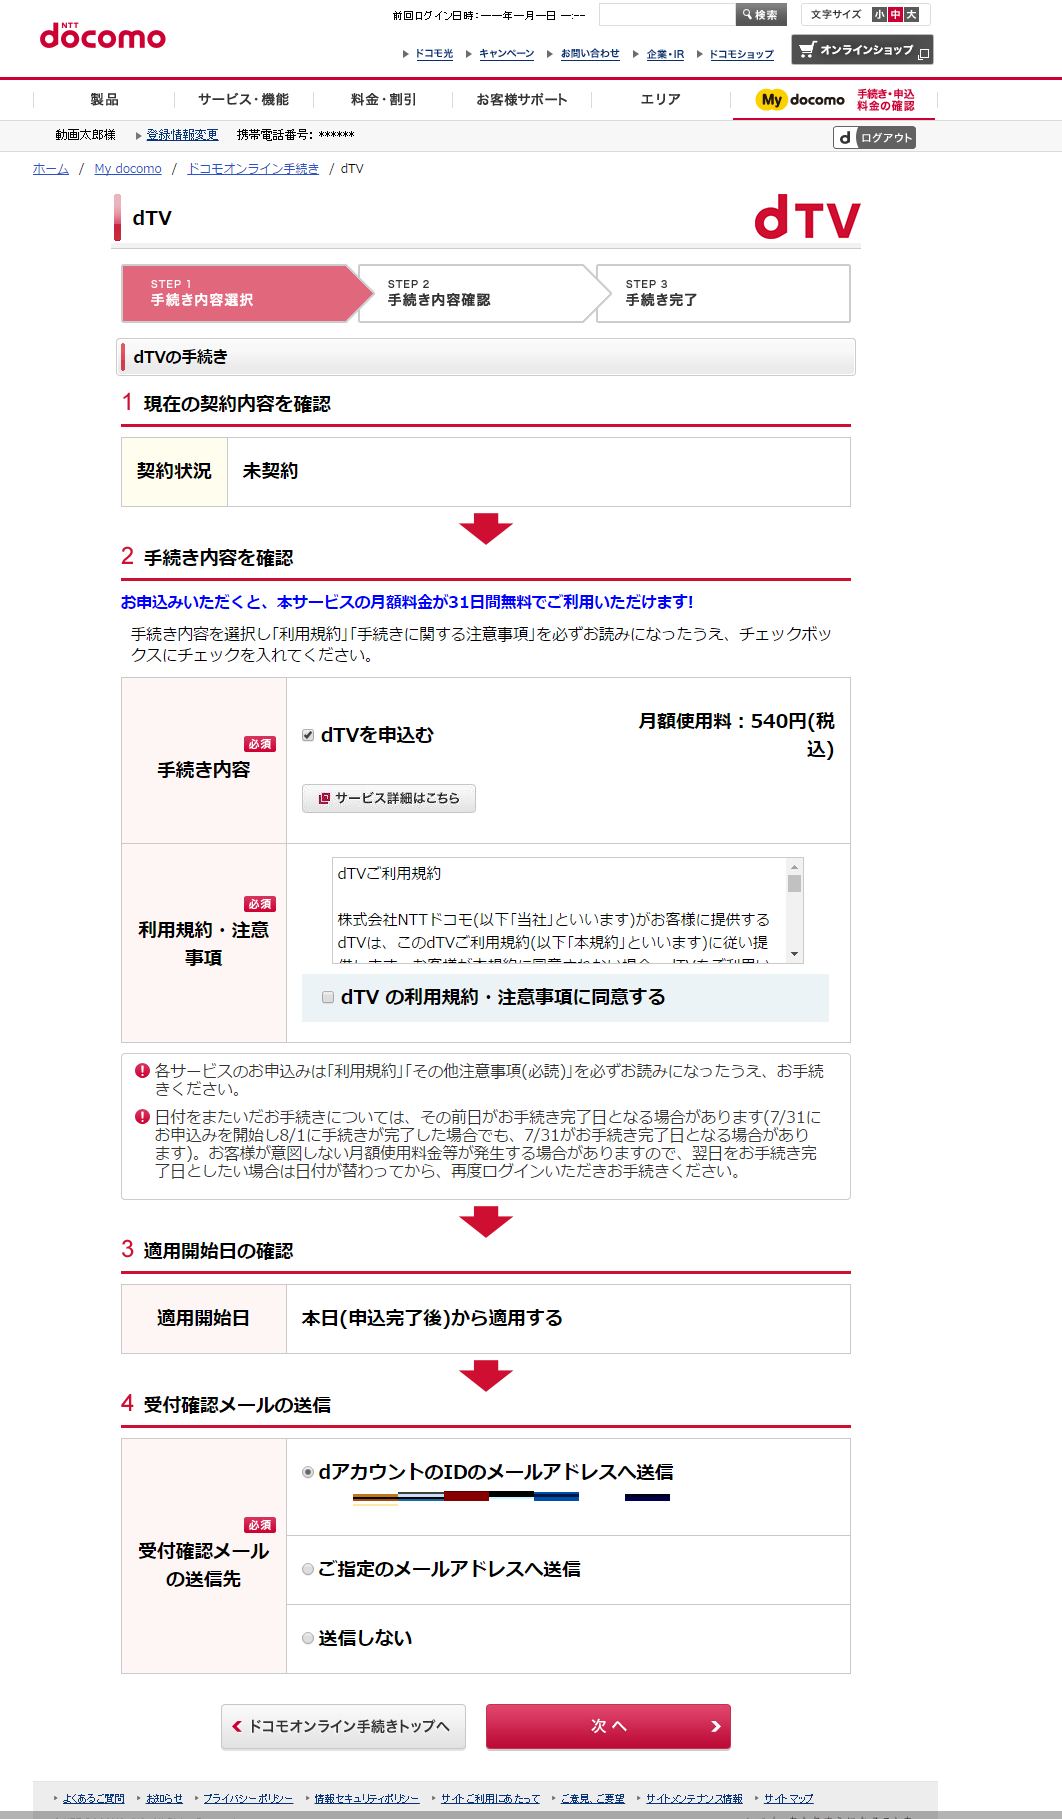 dTVの月額料金と無料お試しの登録方法13